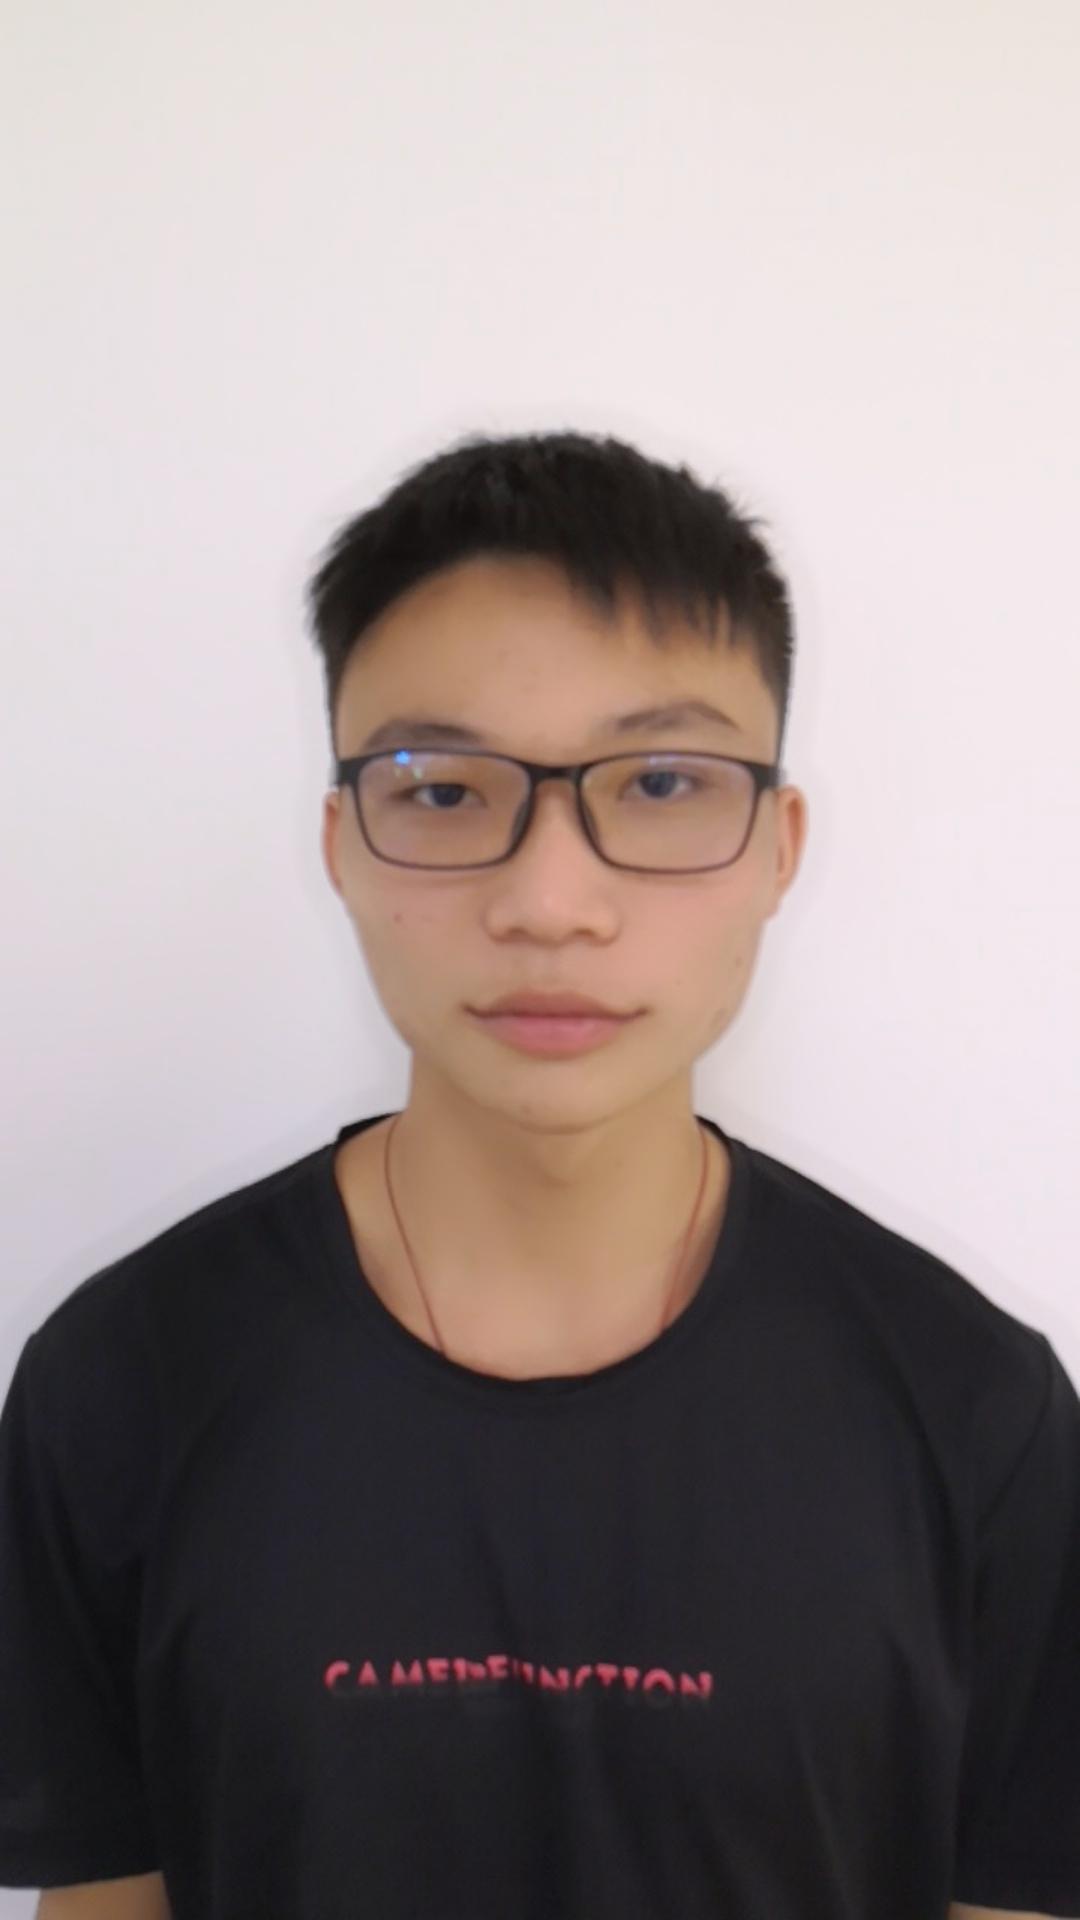 深圳家教吕教员